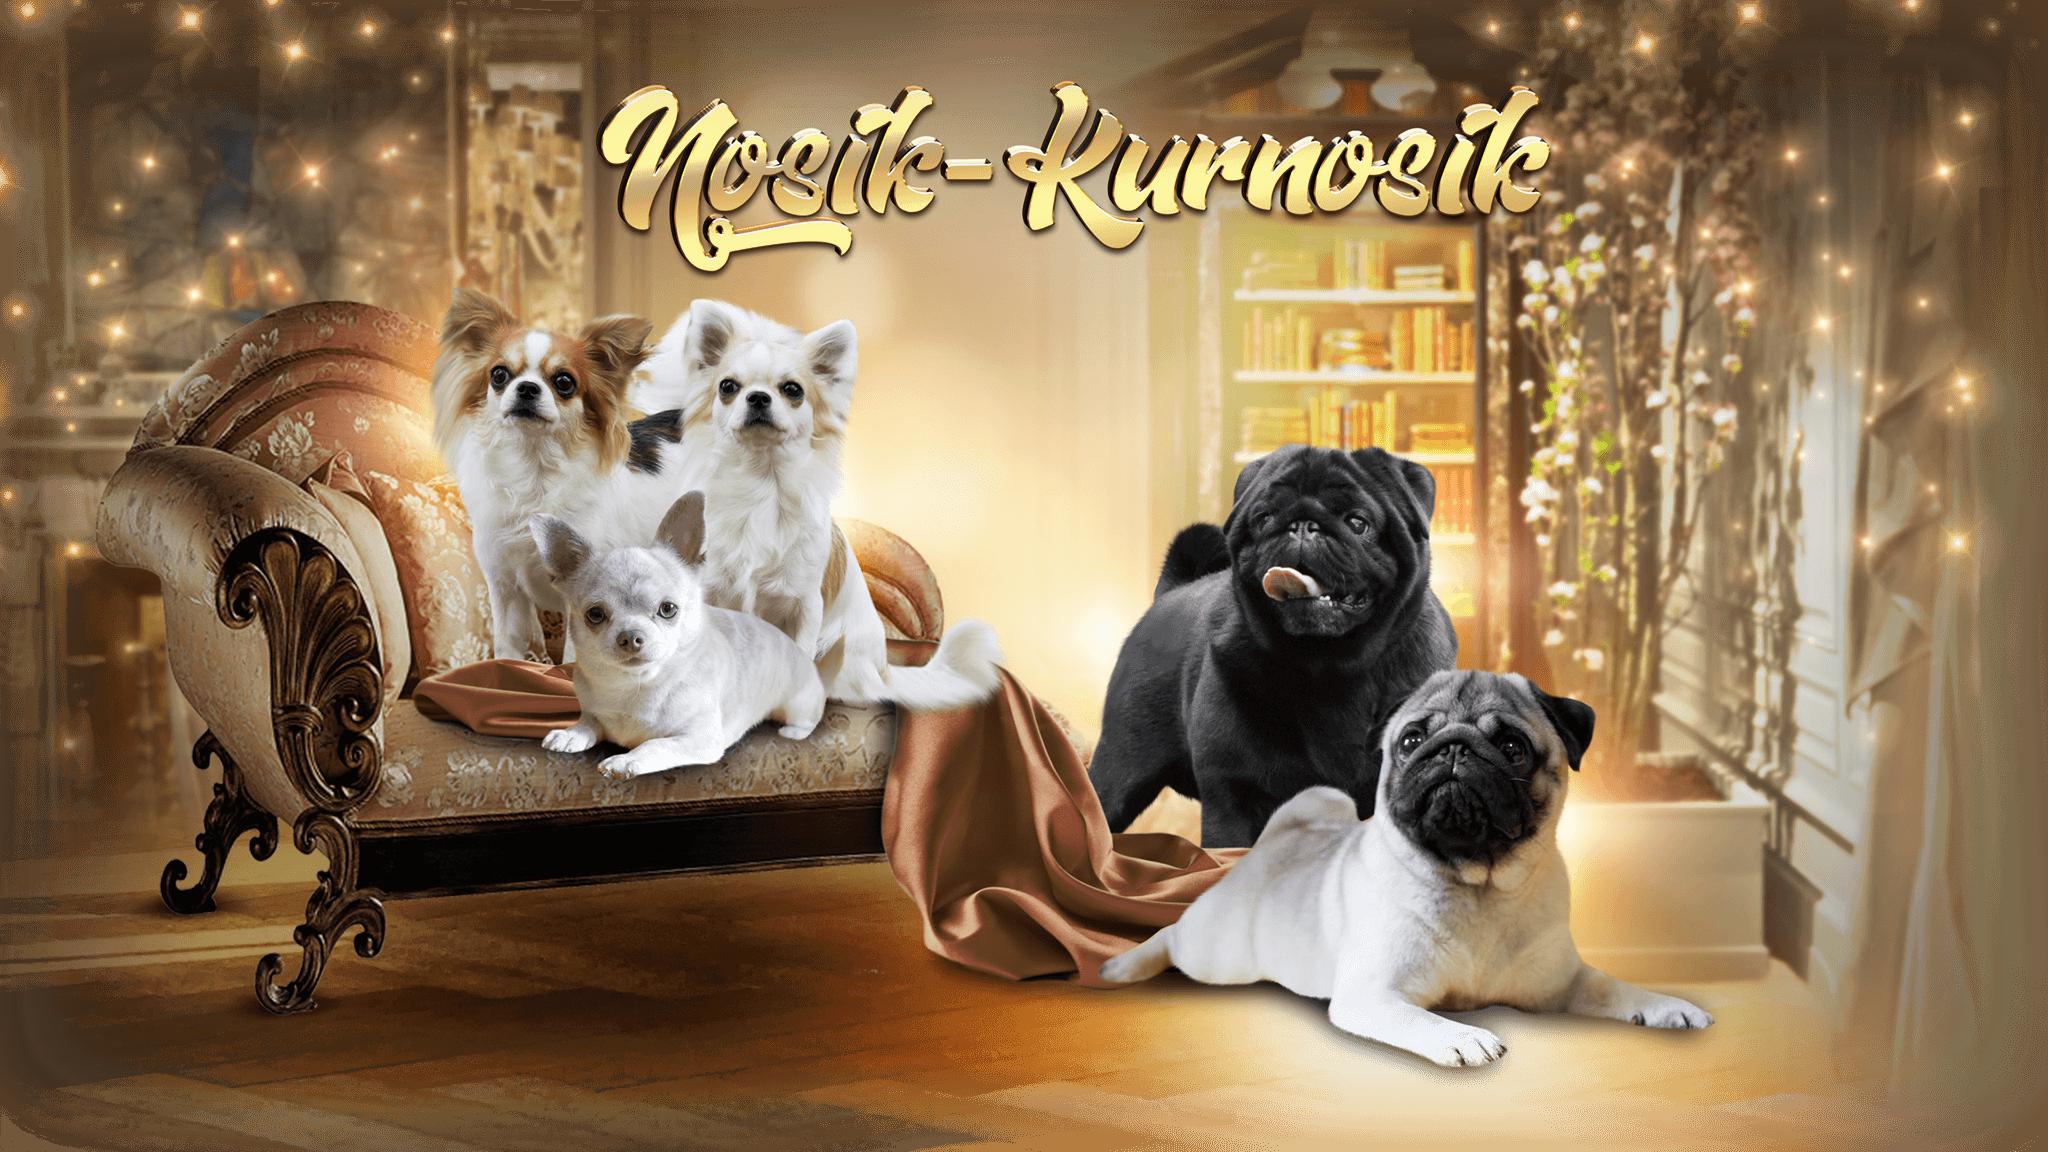 Nosik-Kurmosik